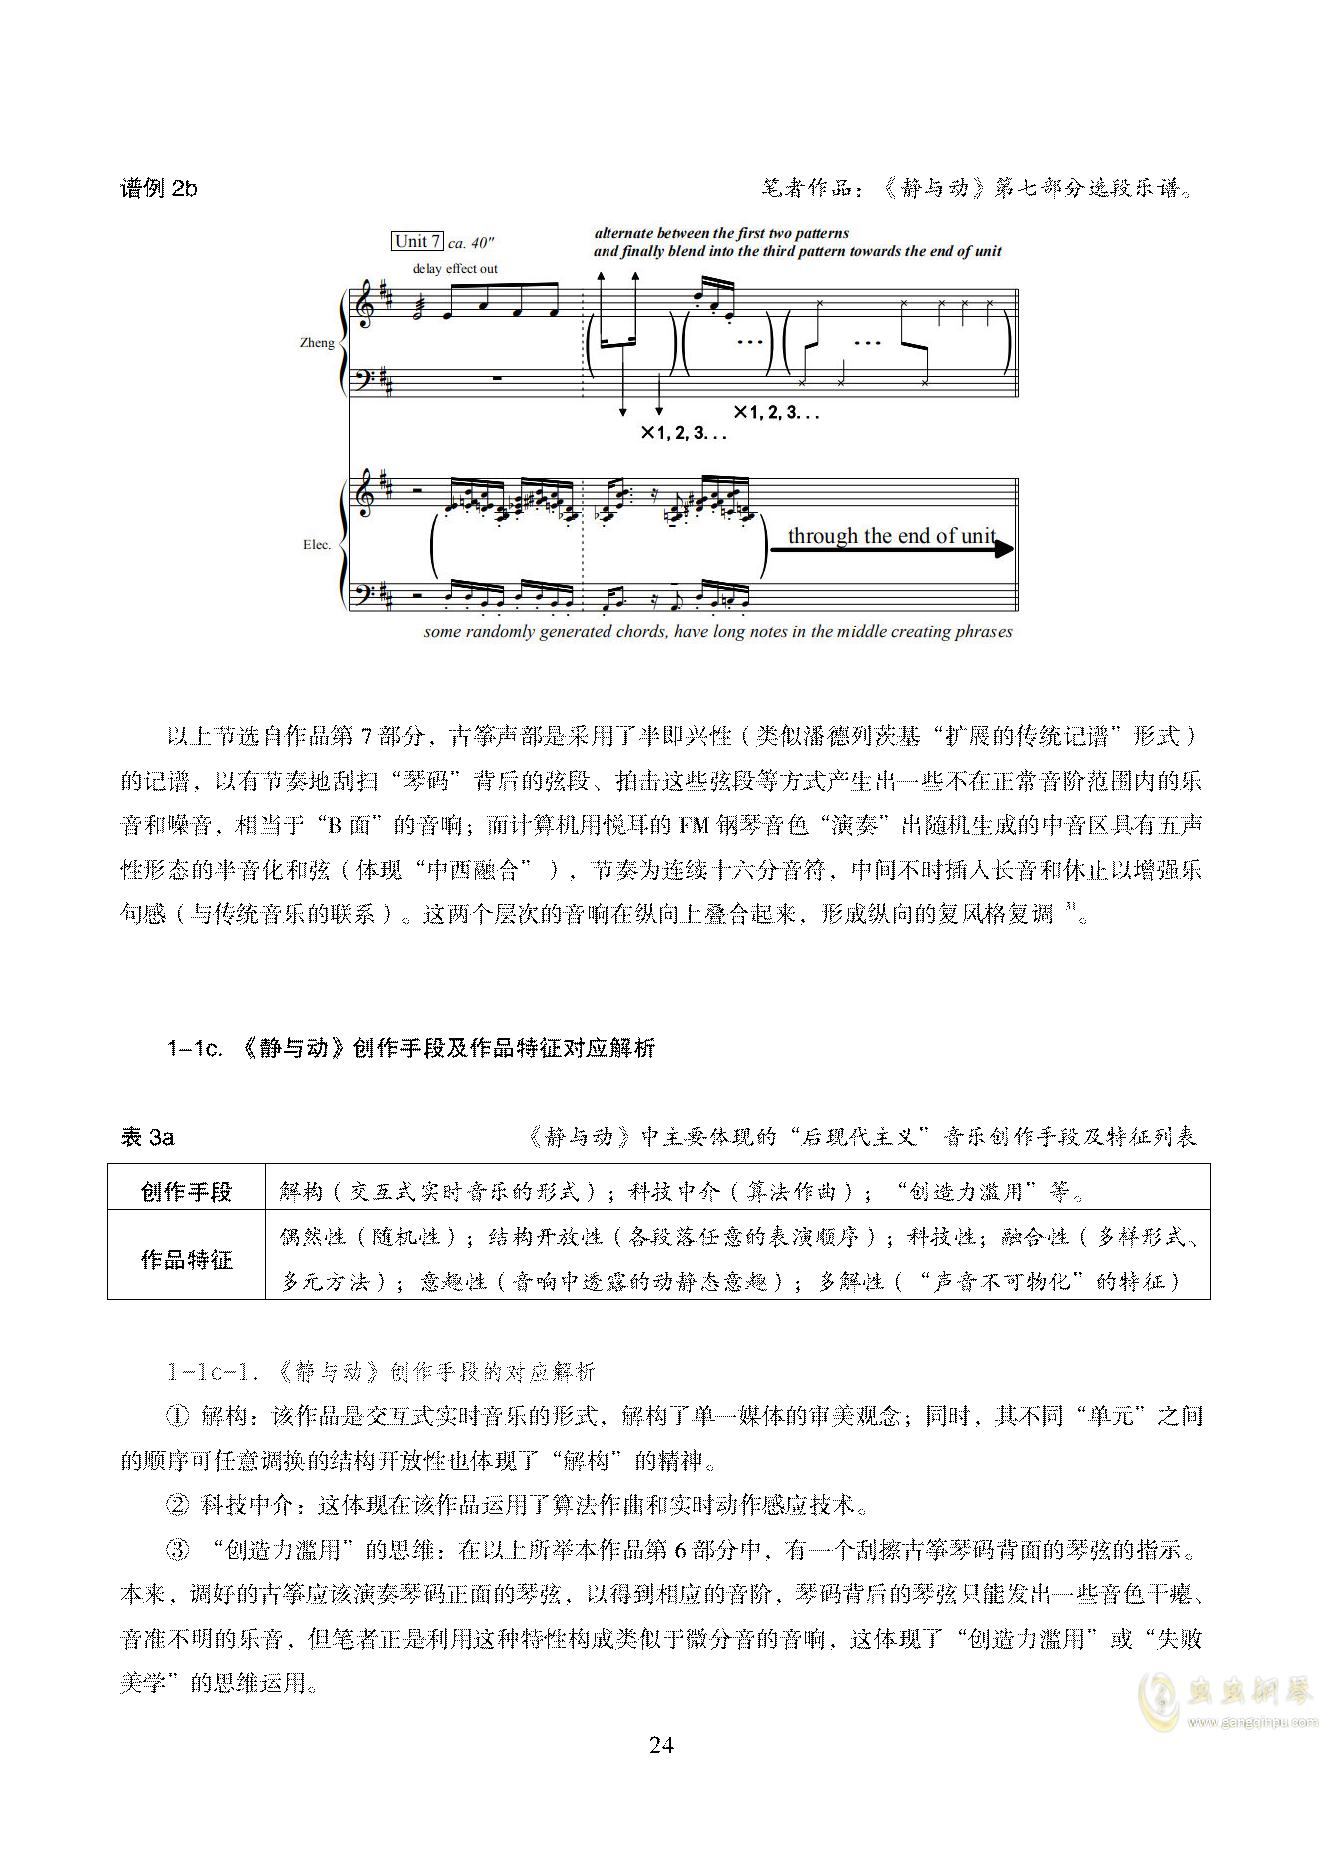 真·硕士论文ag88环亚娱乐谱 第28页